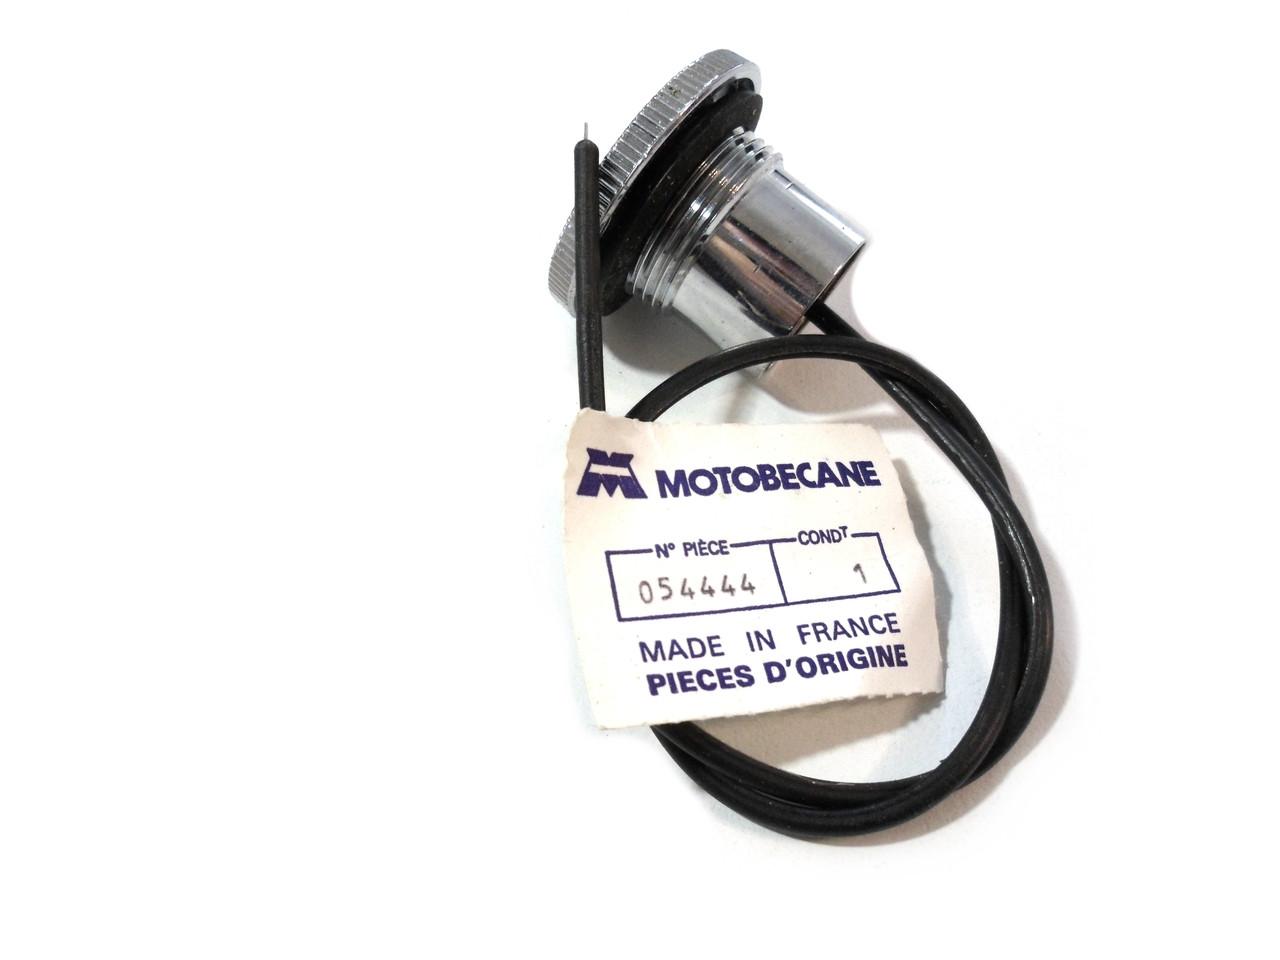 Original Motobecane Gas / Fuel Cap for 40 / 50 models - Chrome